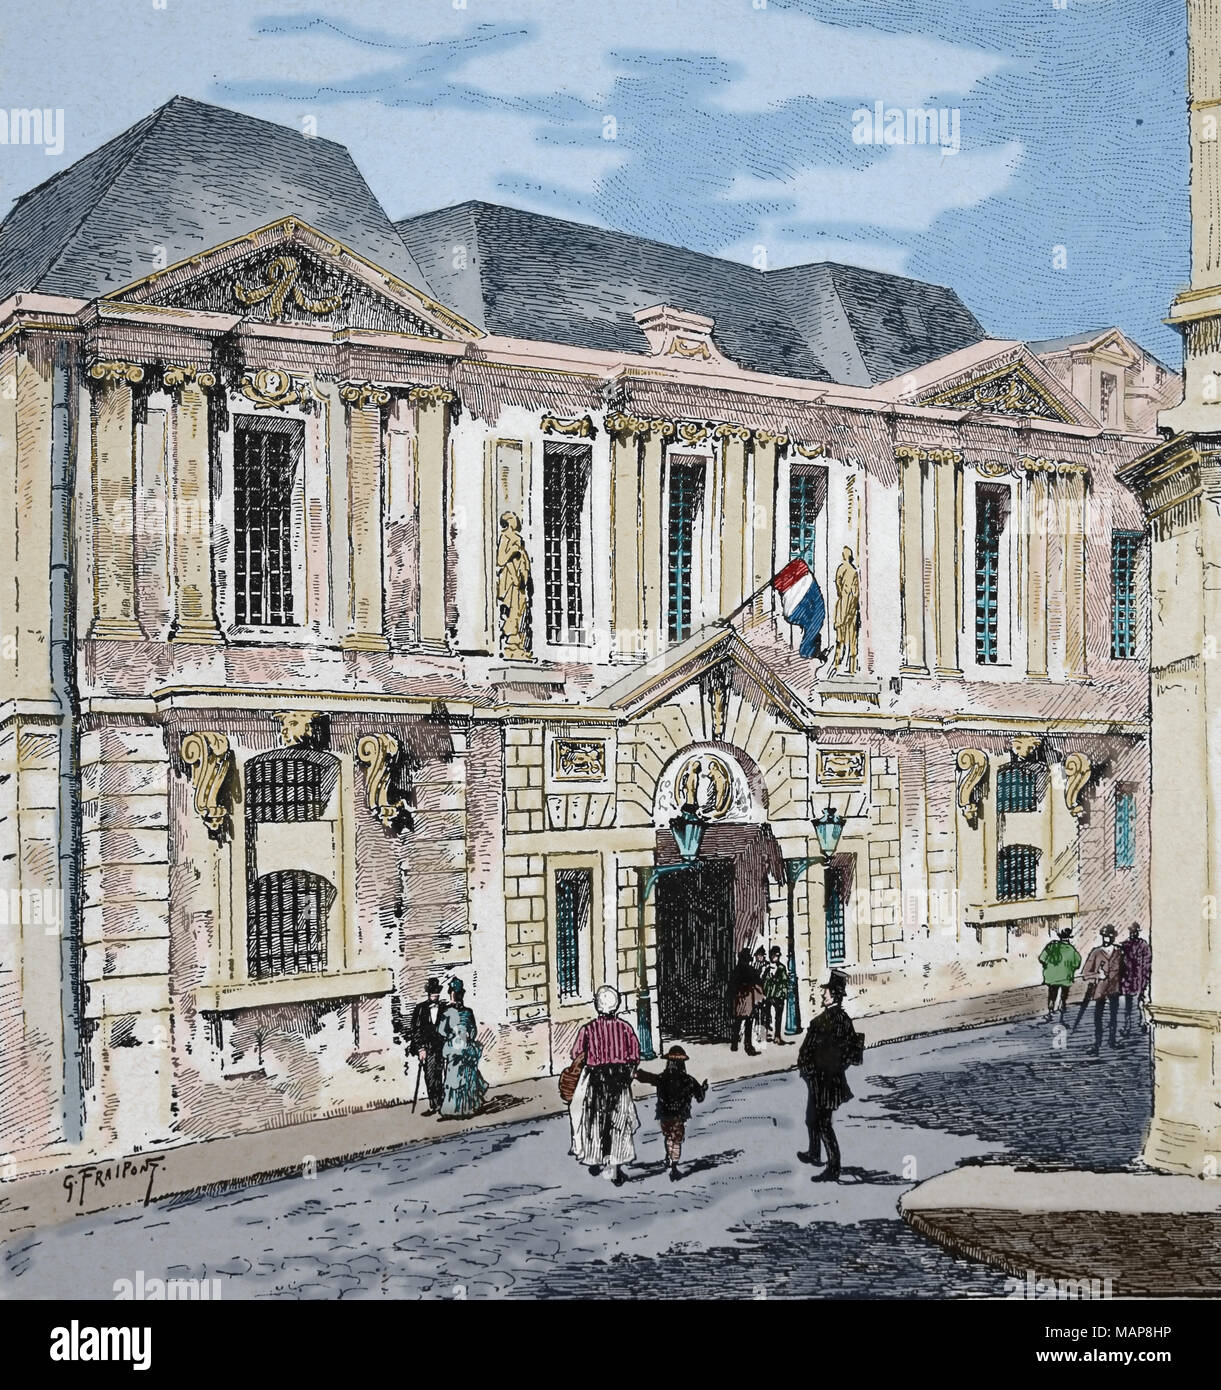 La Francia. Parigi. Archivio storico presso l'hotel Carnavalet. Incisione del XIX secolo. Immagini Stock